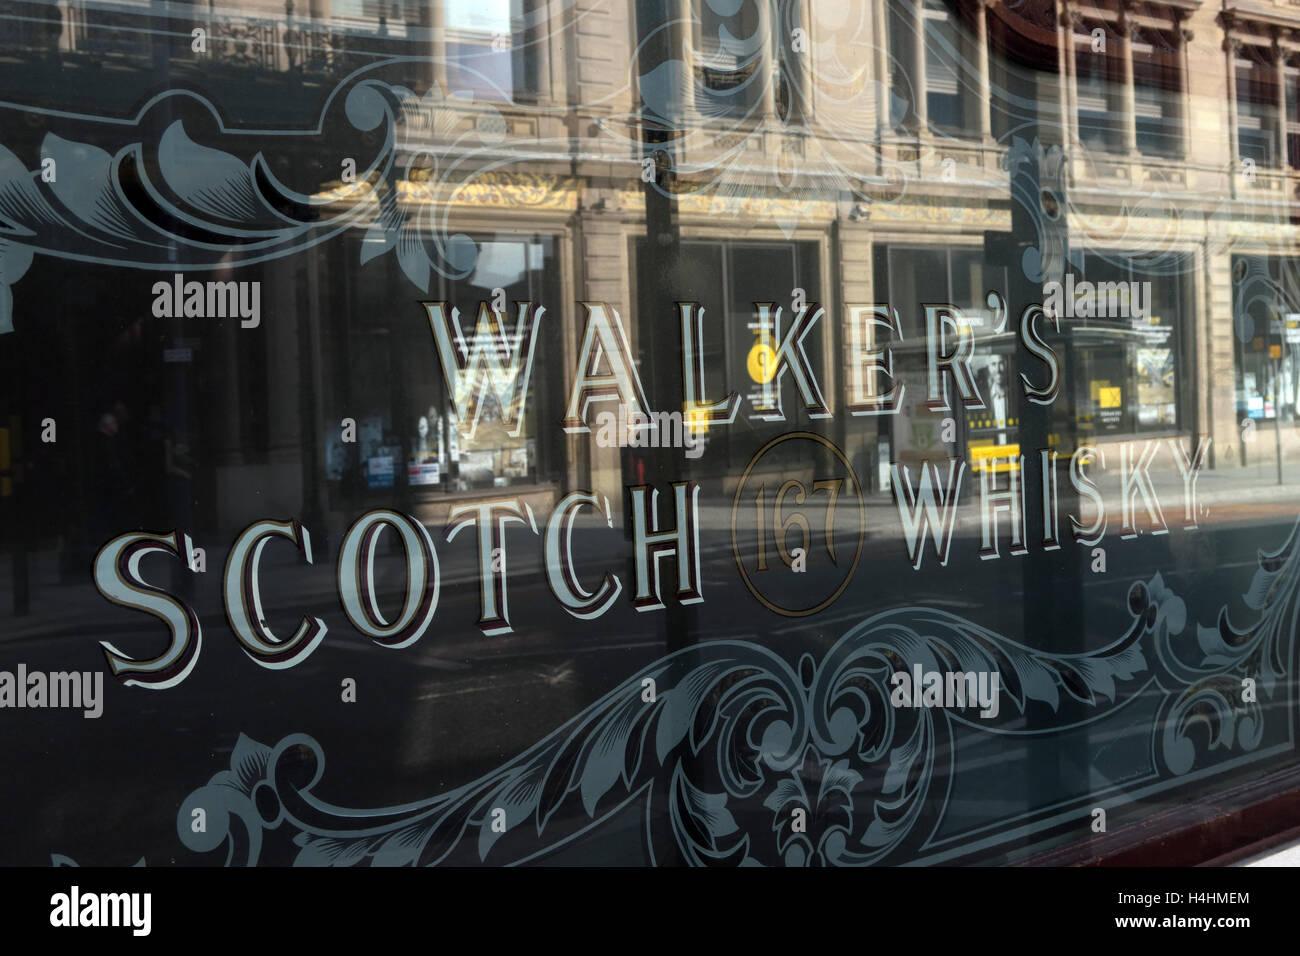 Laden Sie dieses Alamy Stockfoto Wanderer Scotch Whisky Fenster, Pub, worin sich ein Gebäude, Liverpool, Merseyside, England, Großbritannien - H4HMEM